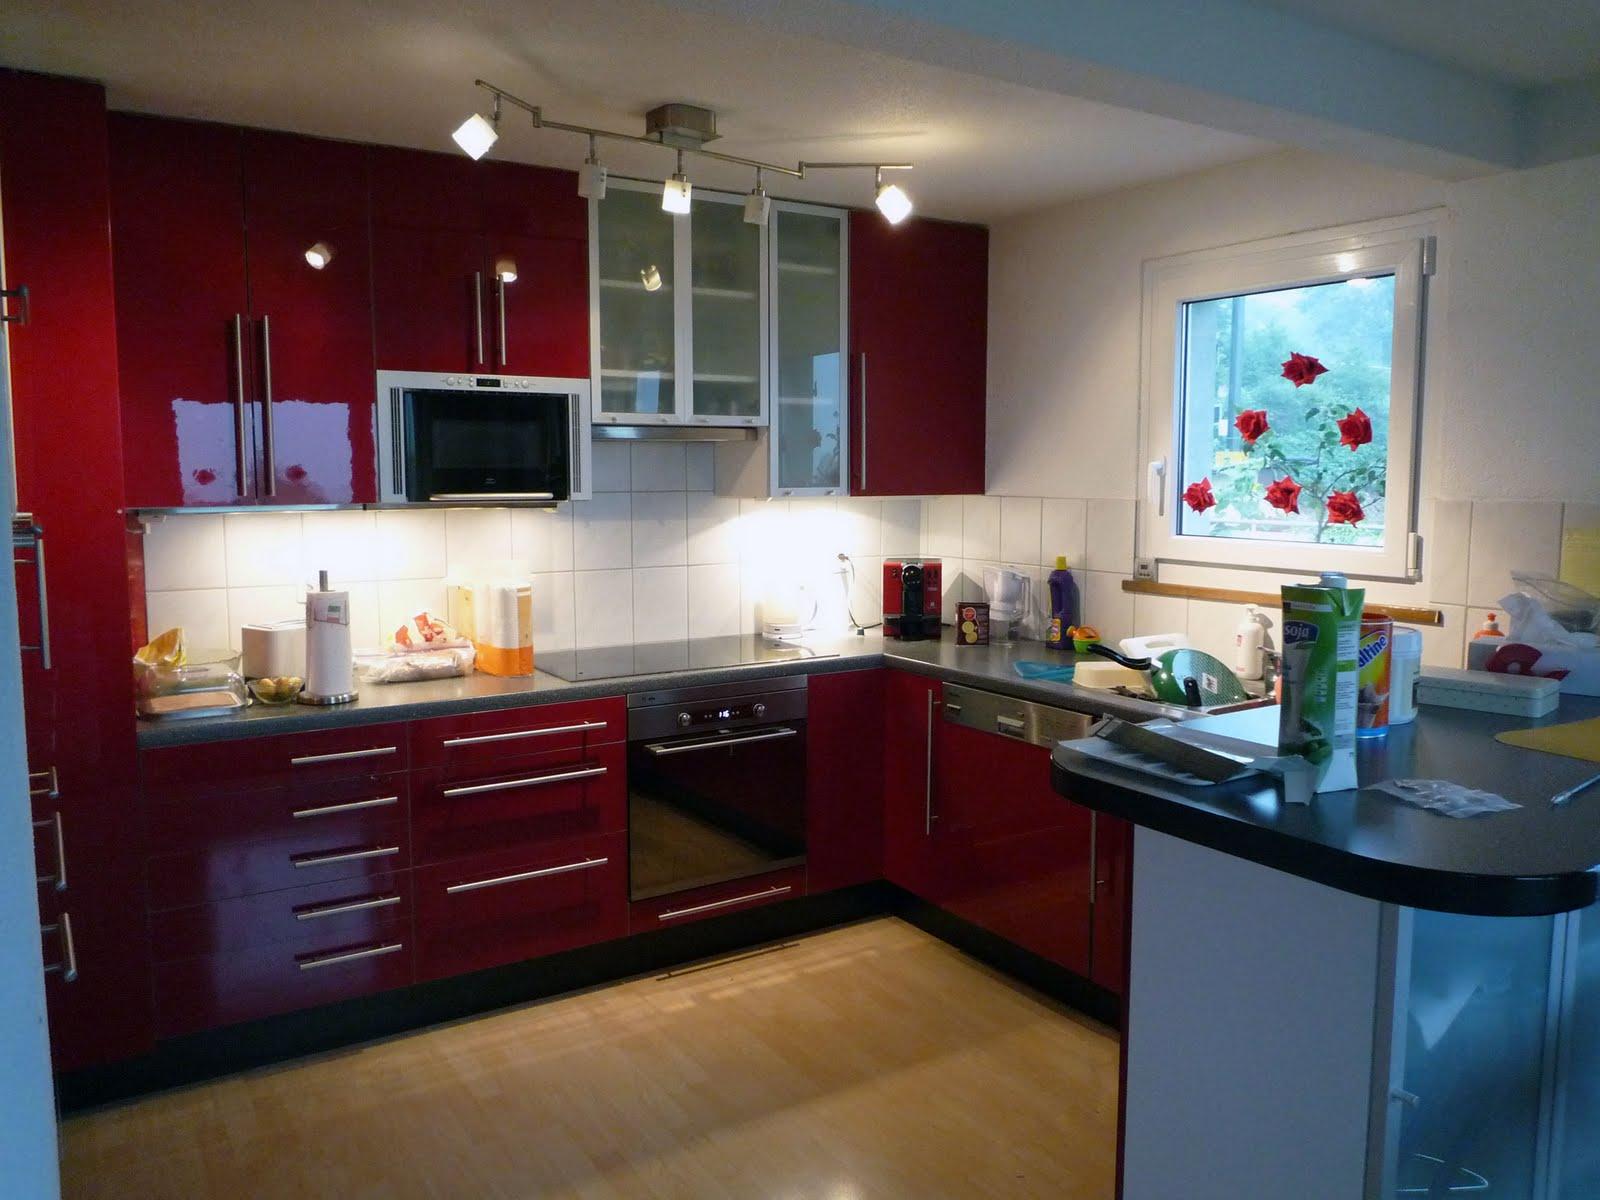 Muebles de cocina baratos tipos de muebles para cocina for Muebles de cocina para armar